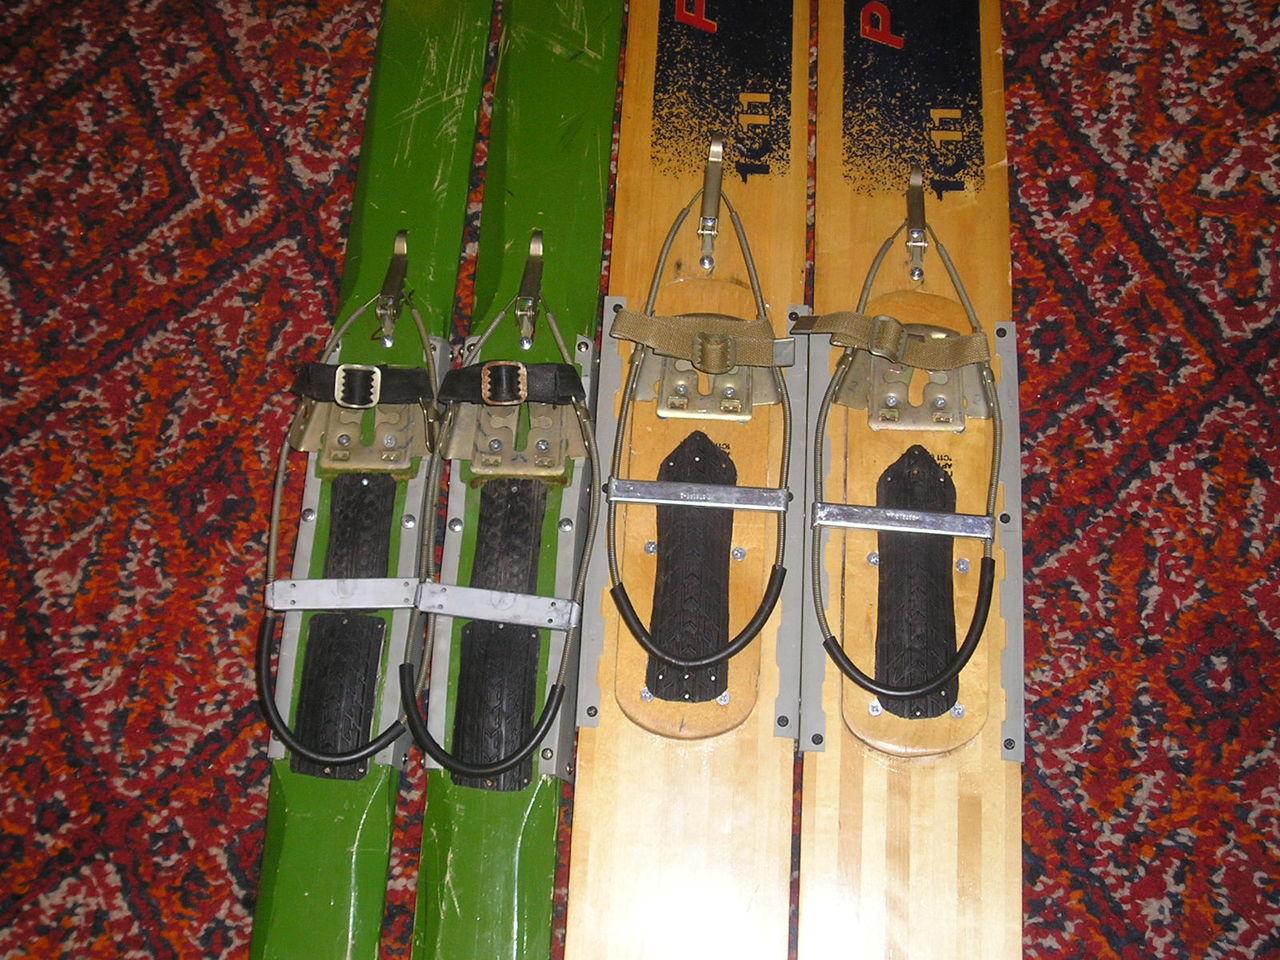 Как сделать охотничий лыжи своими руками в домашних условиях